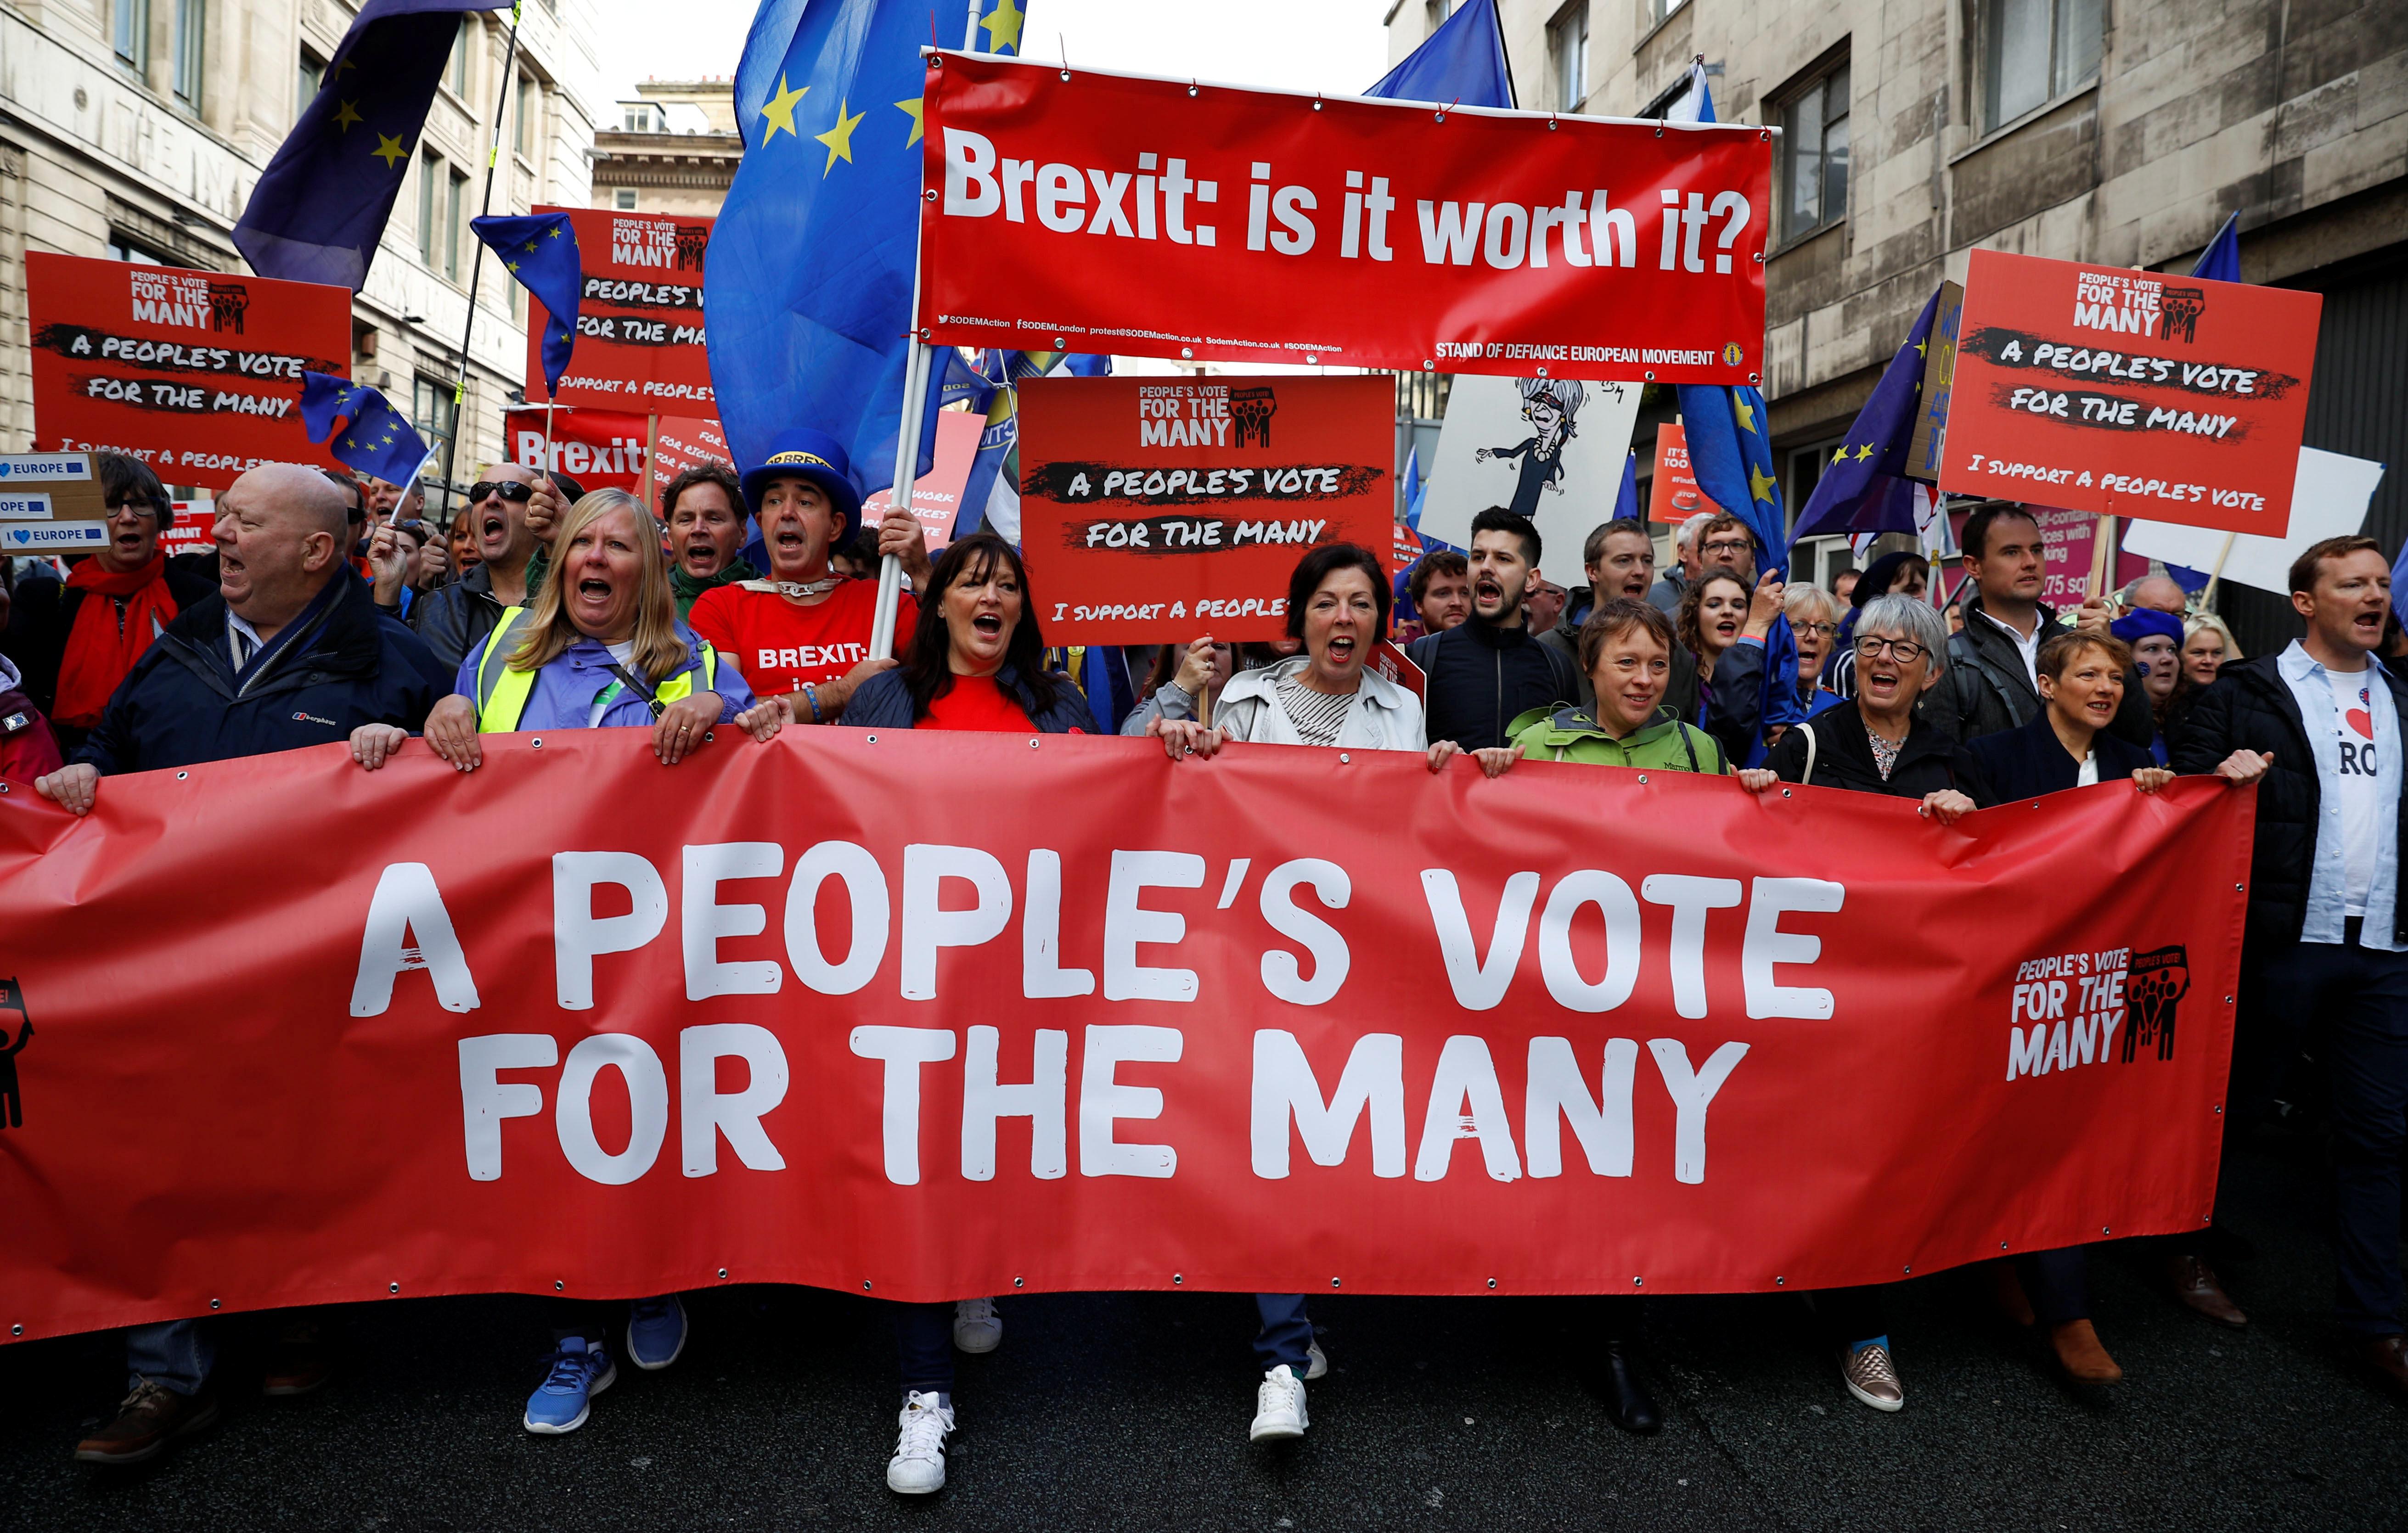 영국 브렉시트 2차 국민투표 가능성은 얼마나 될까?